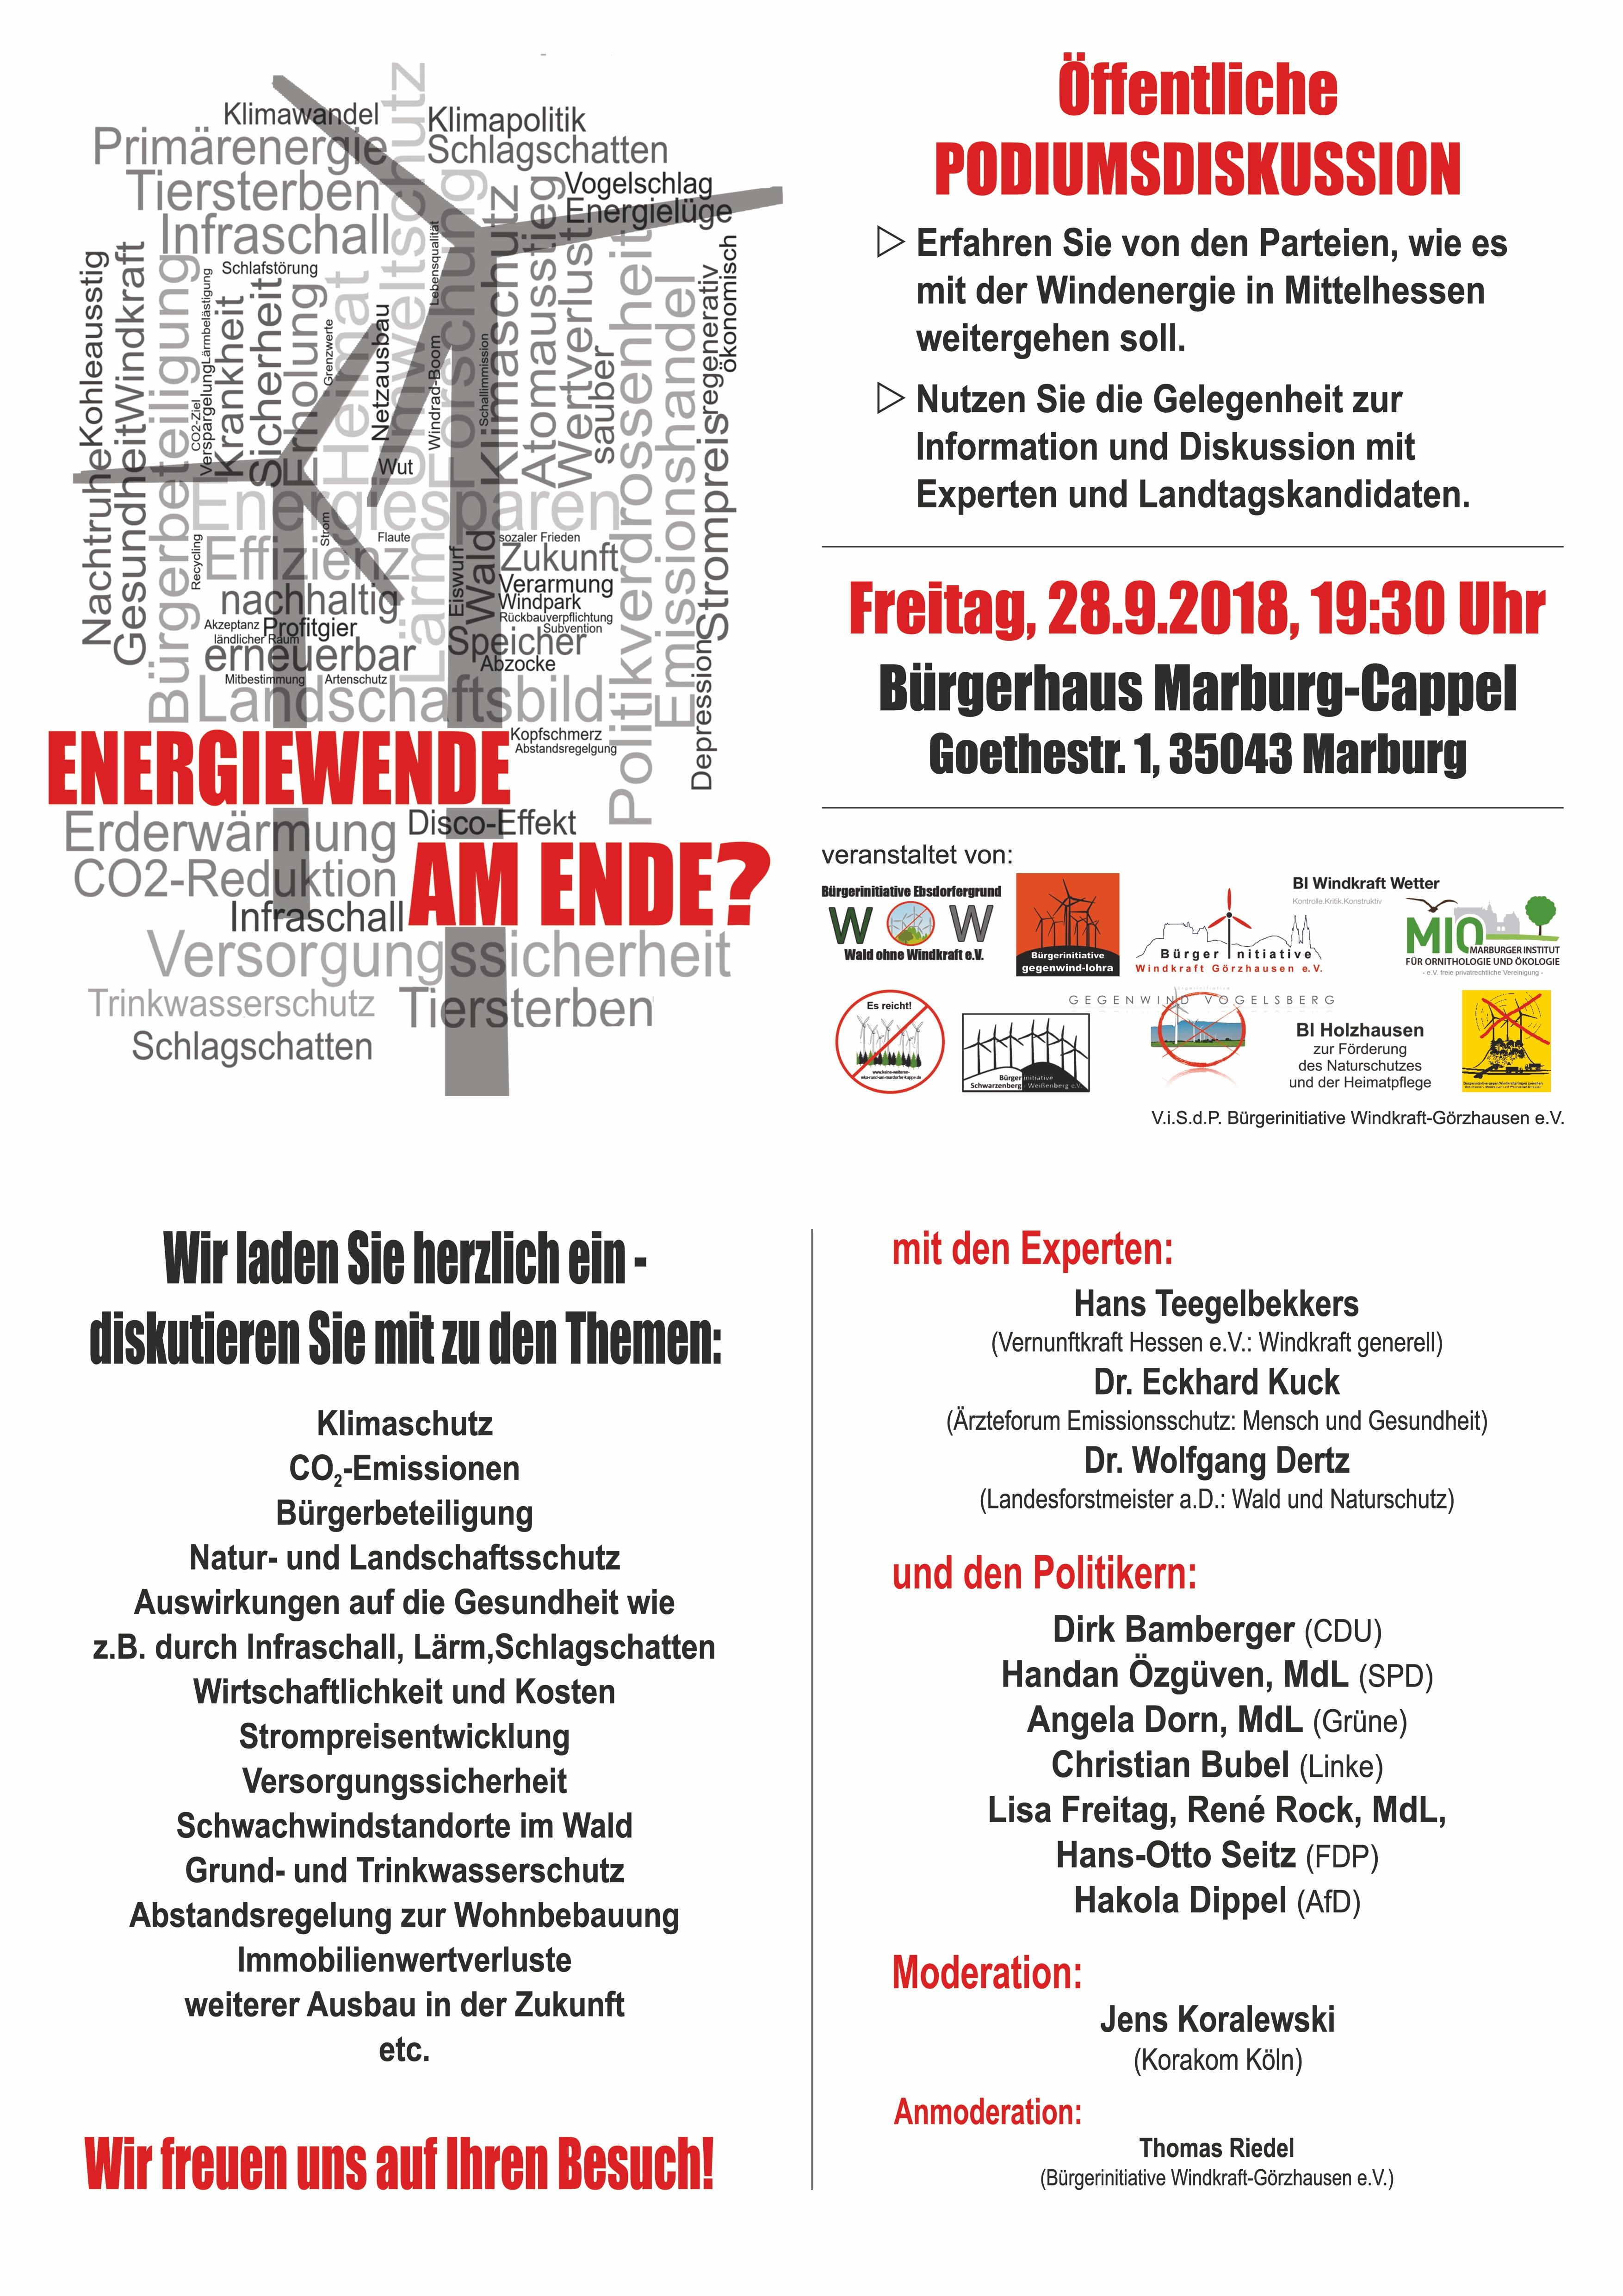 Einladung Podiumsdiskussion 28.09.2018